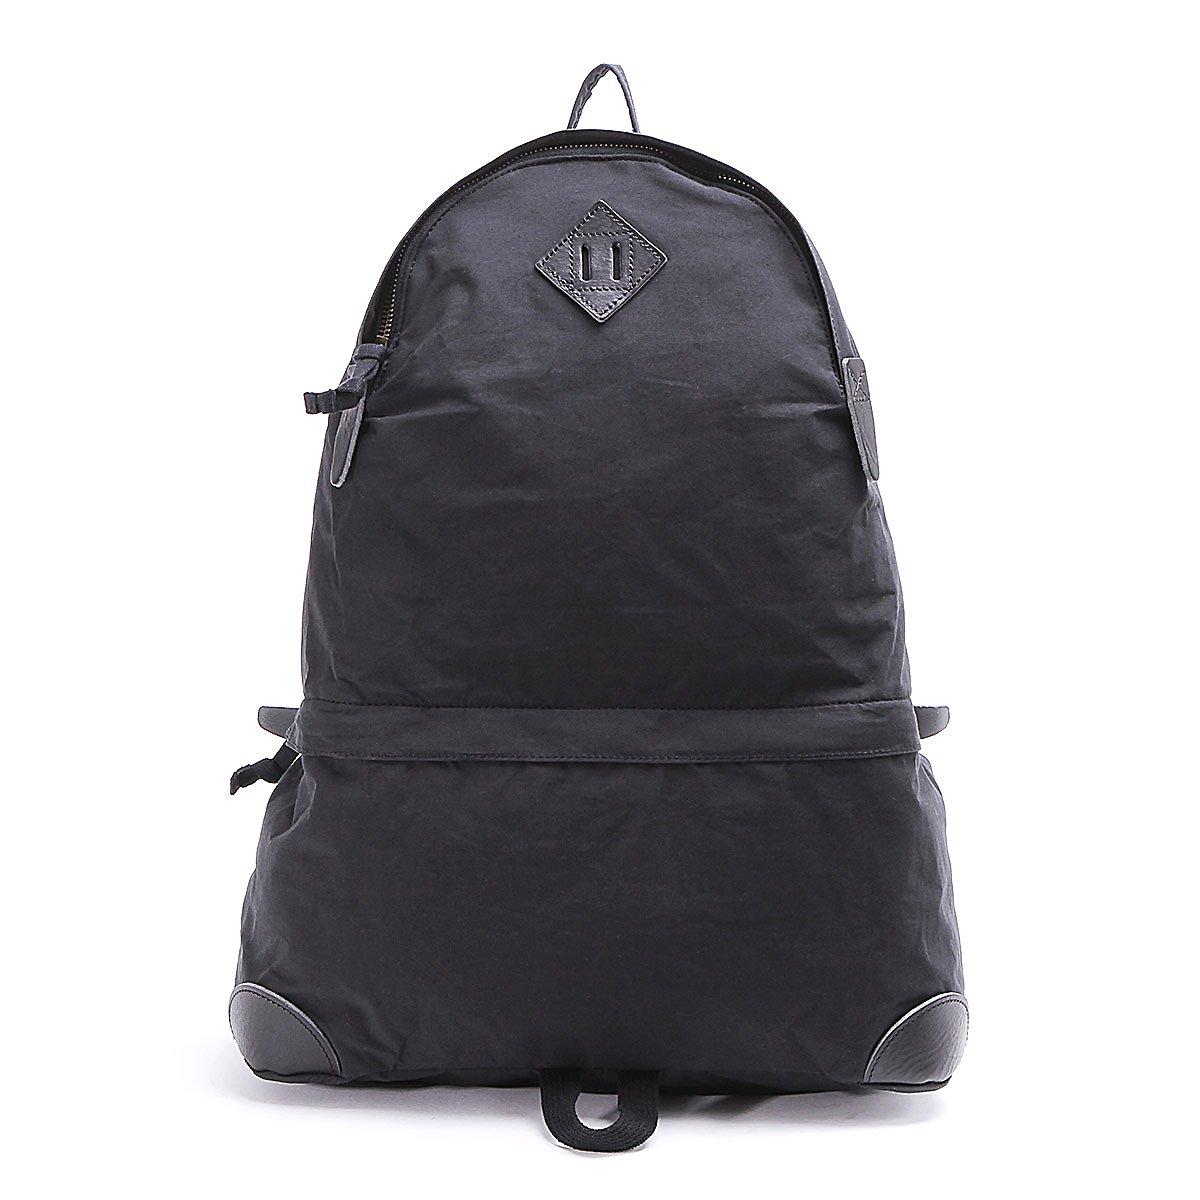 ナイジェルケーボン リュック 80S バックパック 61001 B07BGVM6W3 ブラック ブラック